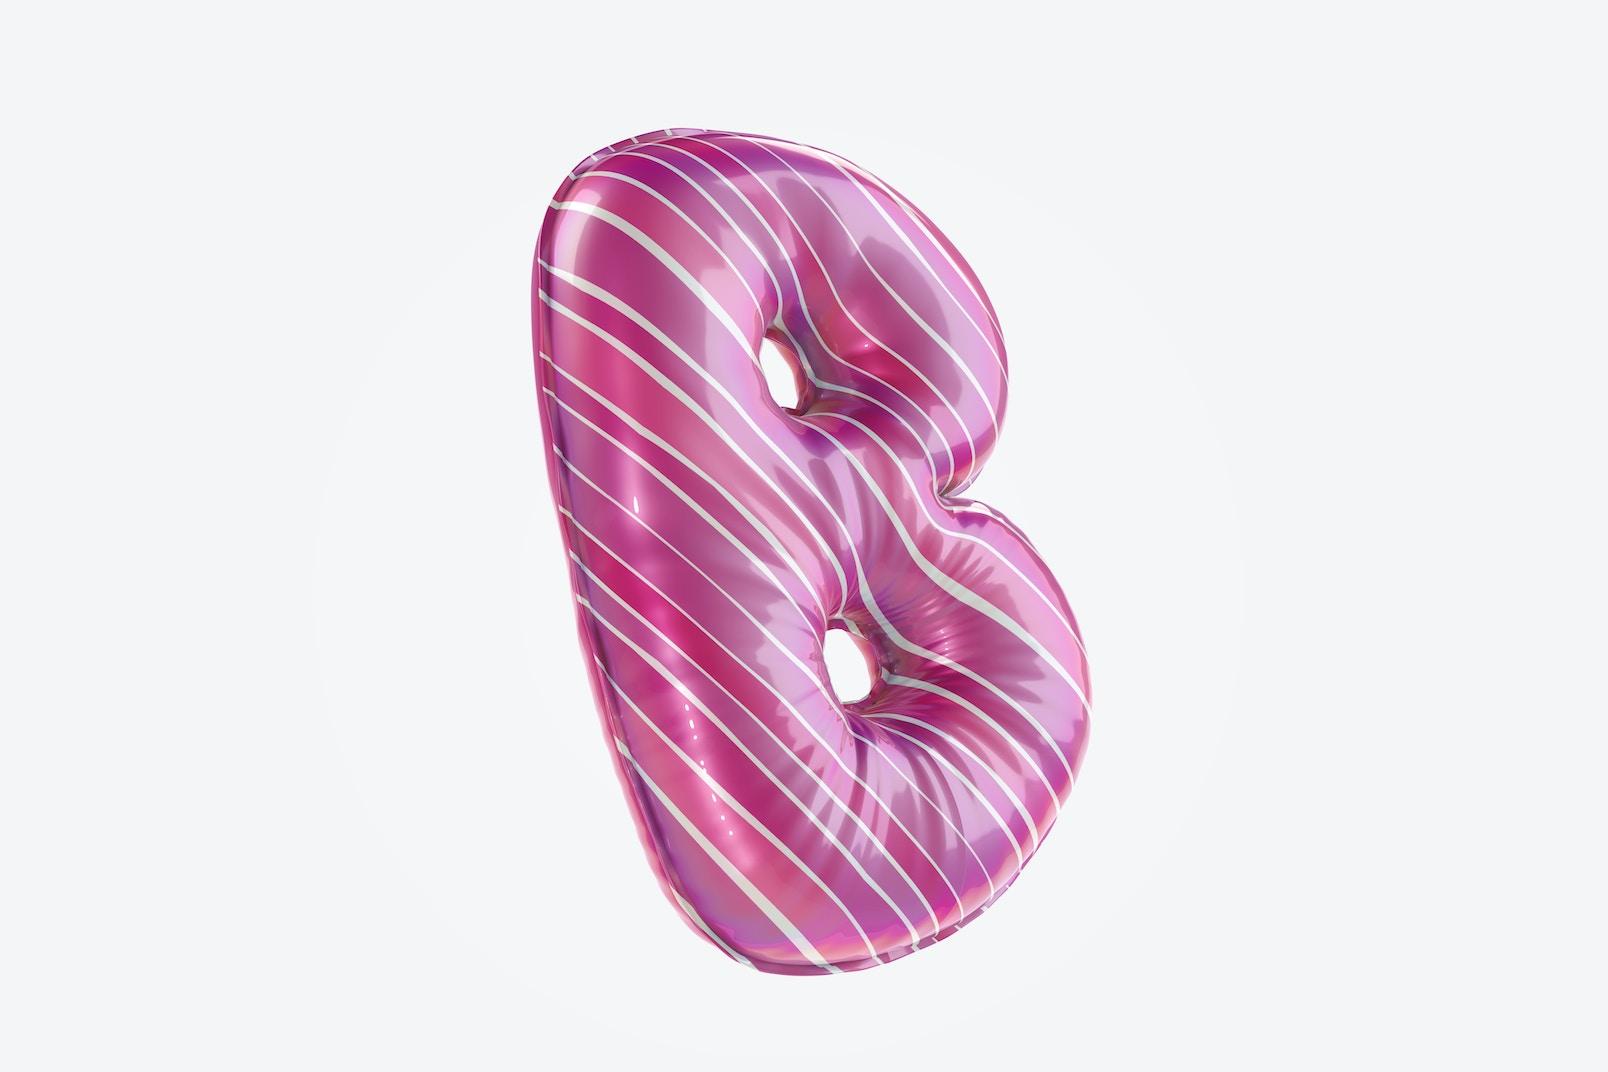 Letter B Foil Balloon Mockup